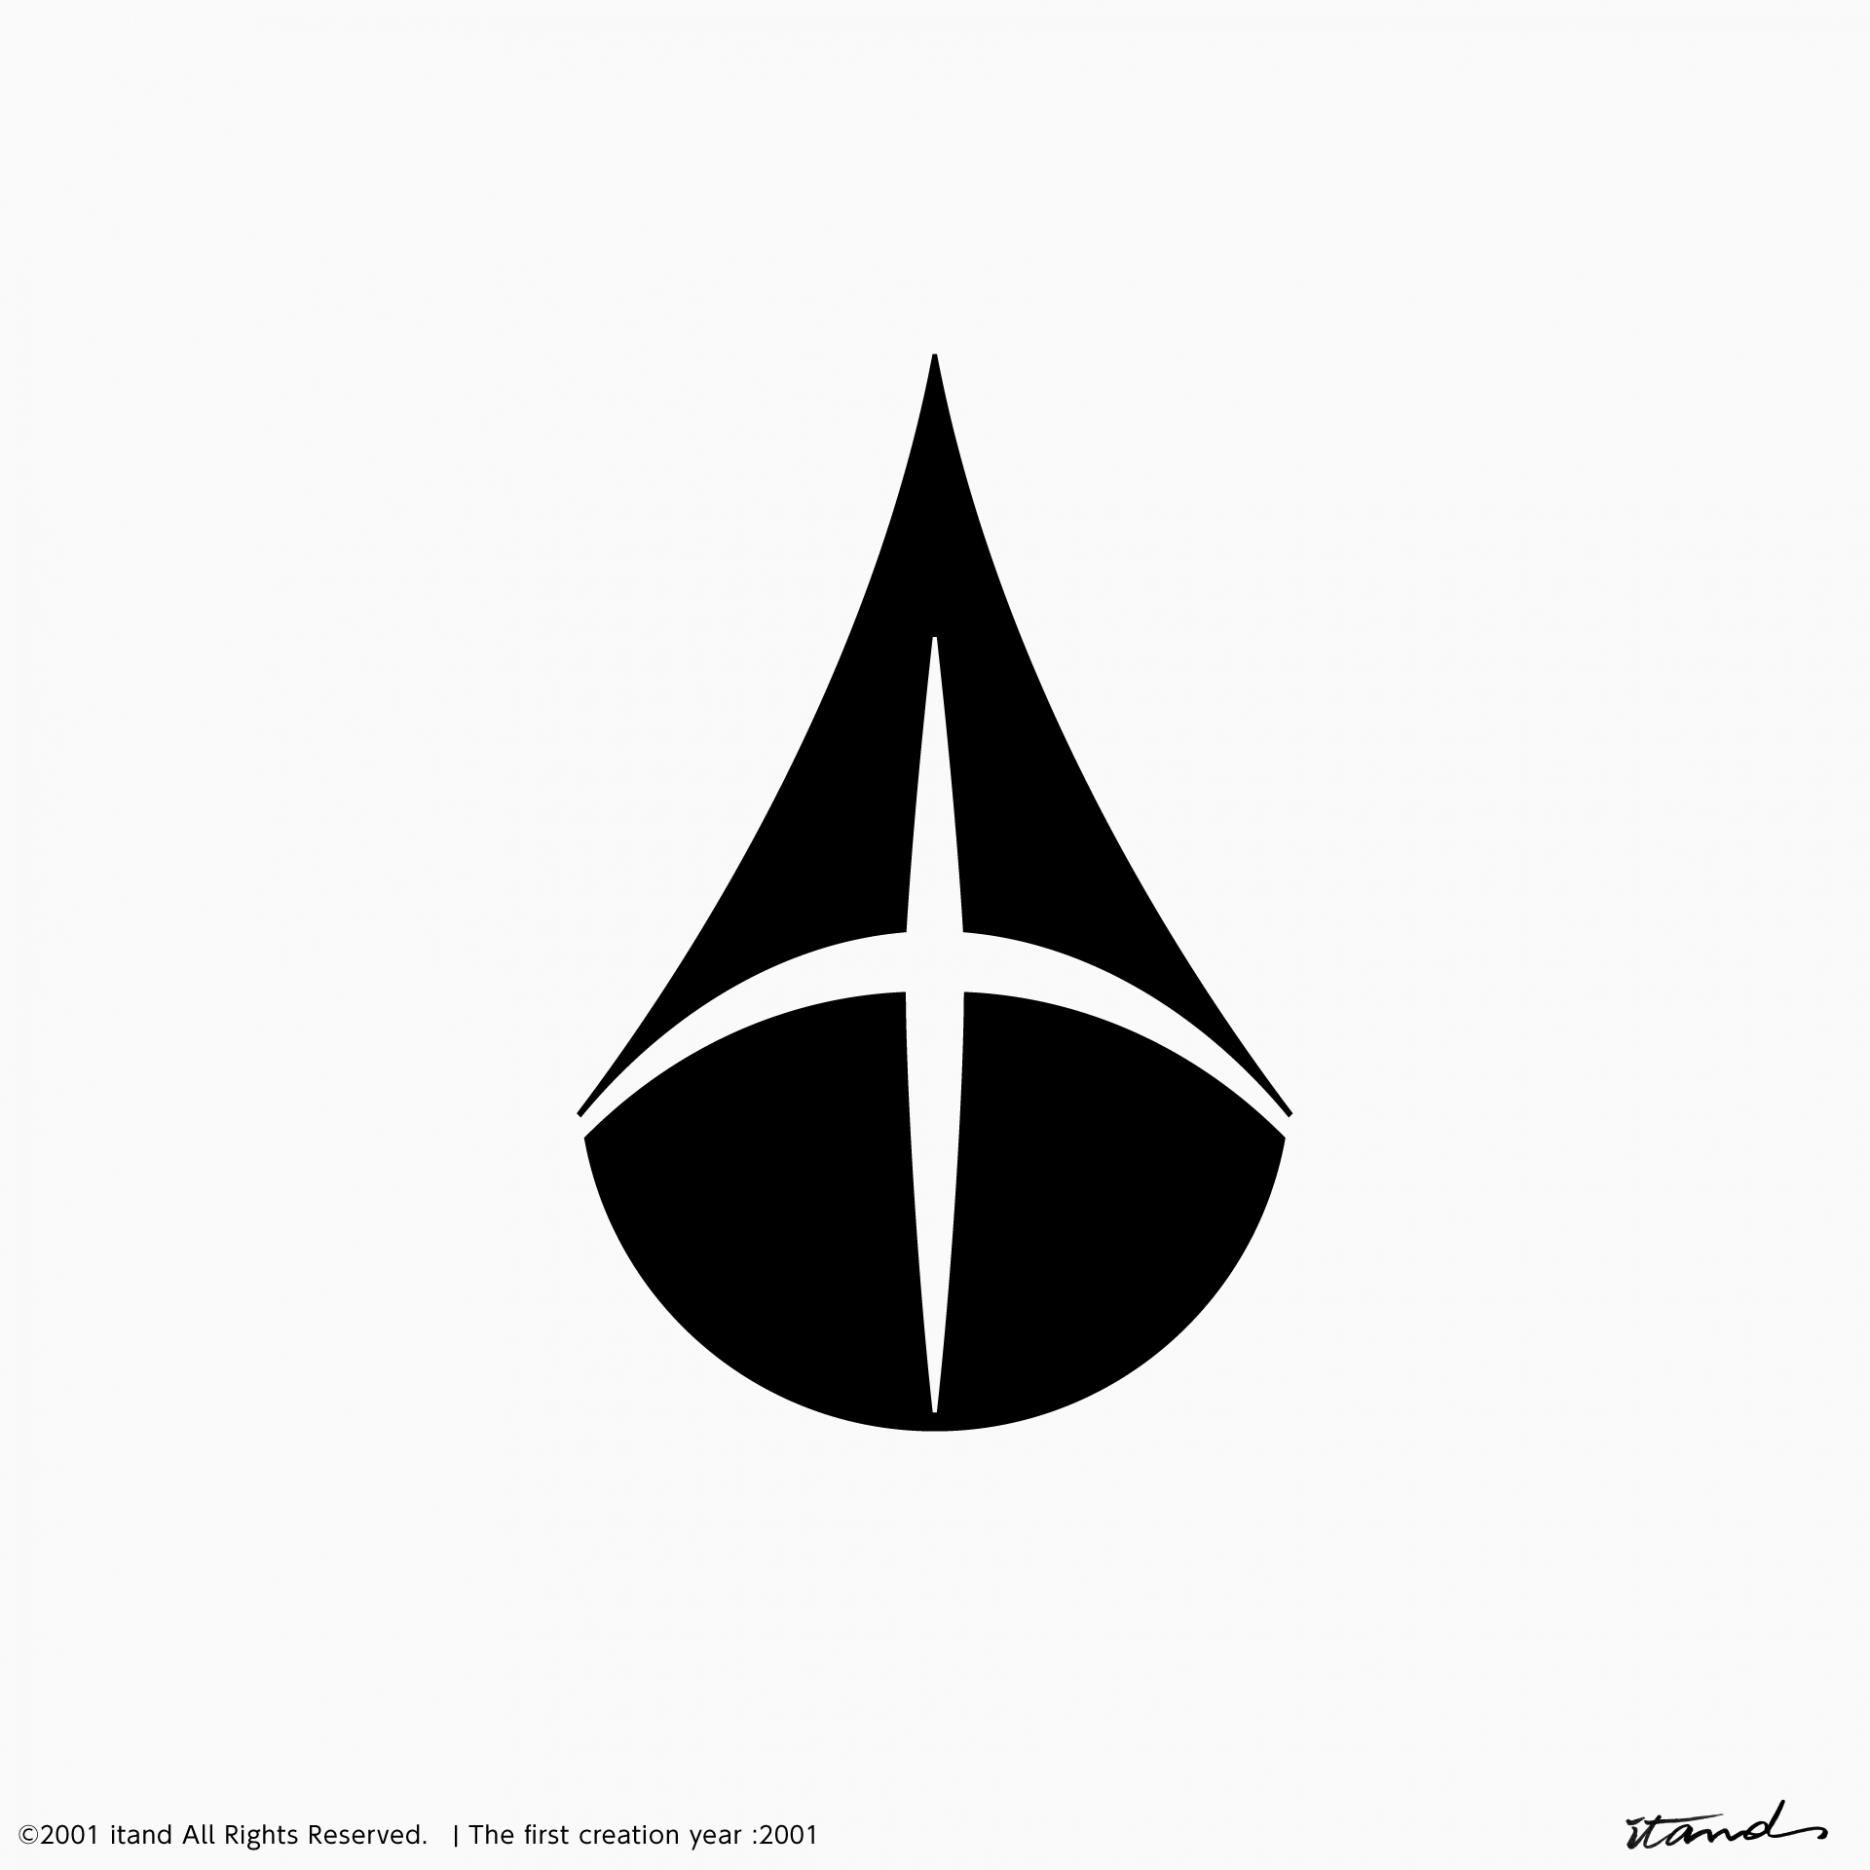 シンボルアート & デザイン 【 天ノ鳥船  Star Ship -Ama_no_Torihune 】